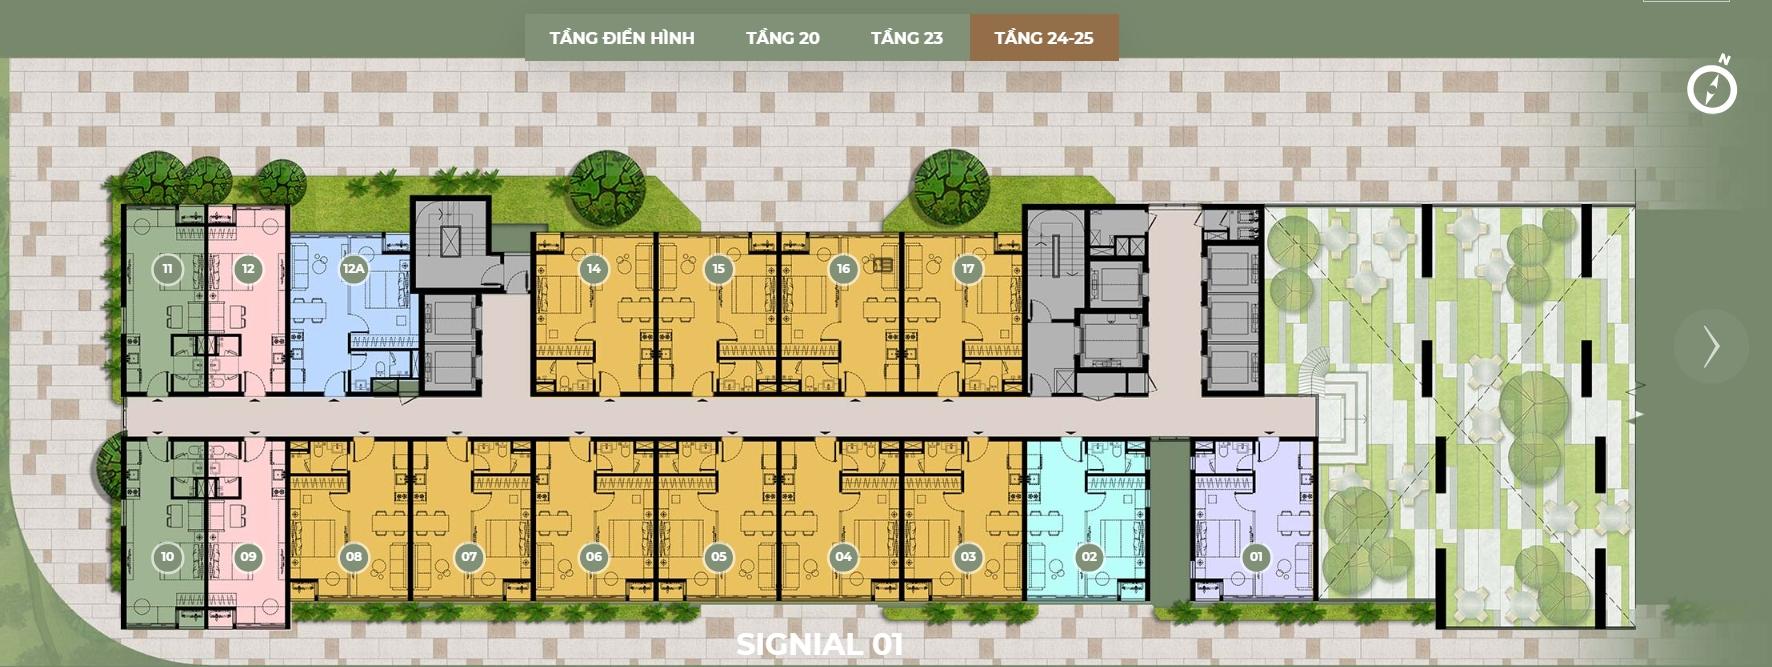 Mặt bằng thiết kế S1 tầng 24,25 dự án Smartel Signial quận 7.